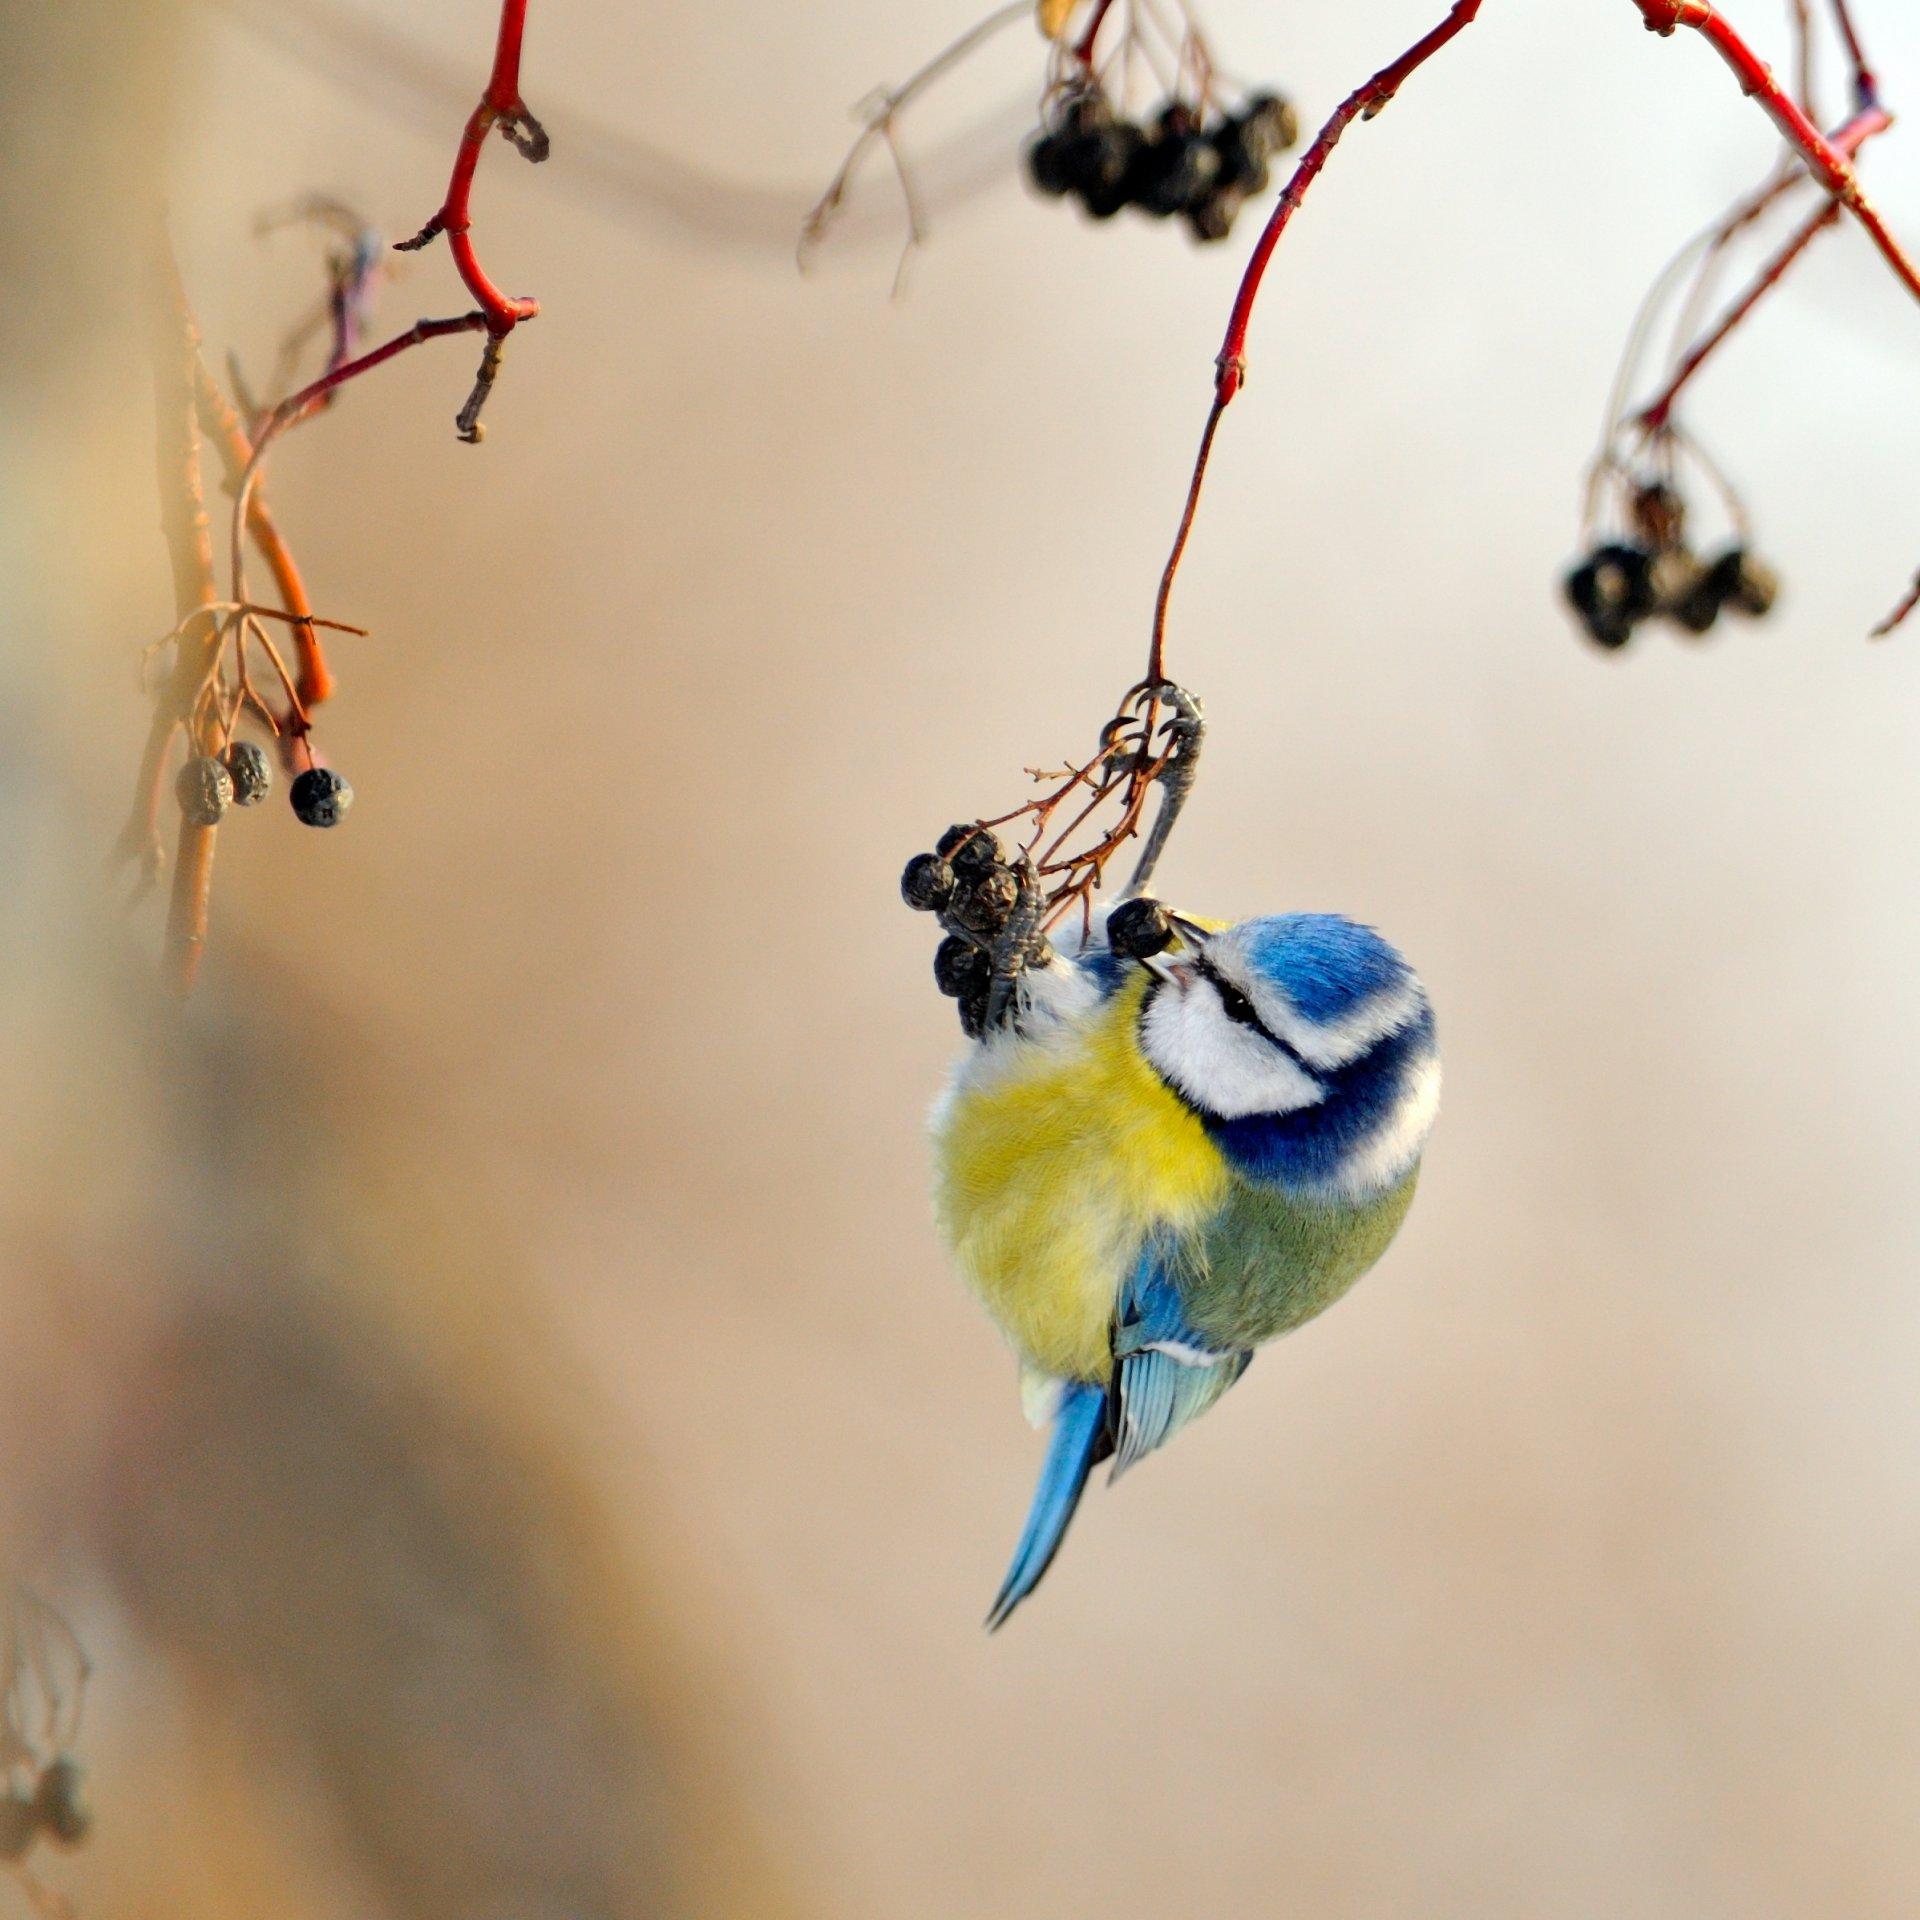 Птицы на ветке  № 1652686 без смс